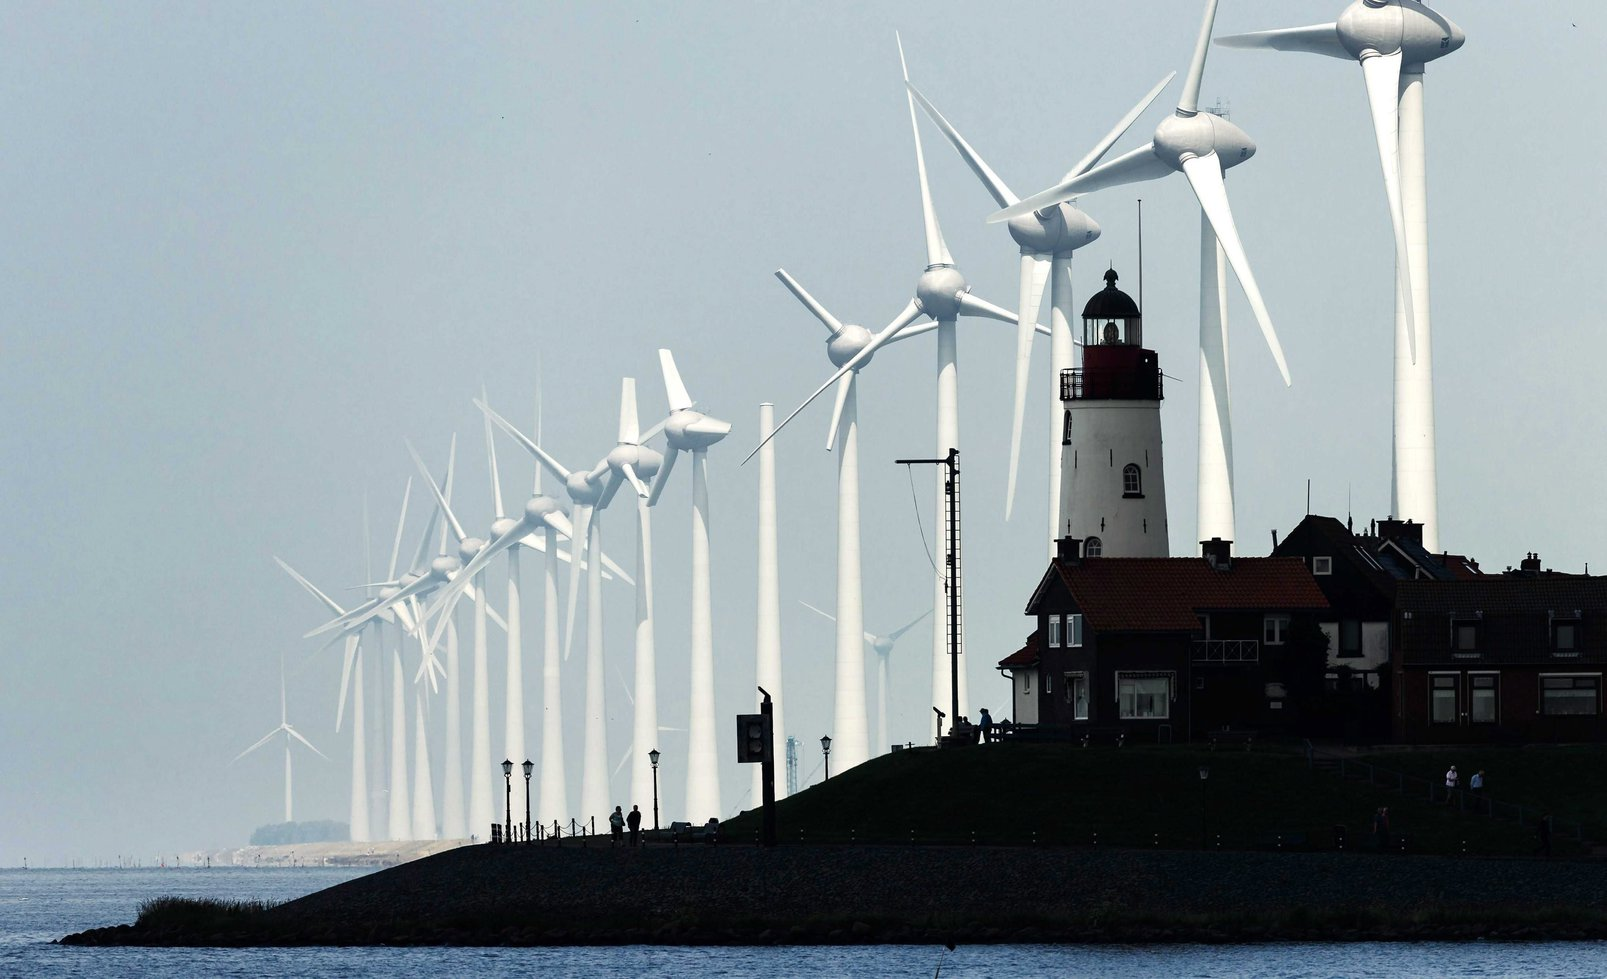 A Westermeerwind szélfarm a hollandiai Urkban 2016. június 21-én. Ez Hollandia legnagyobb tengerparti szélerőműve, amelyben 48 turbina 160 ezer háztartás fogyasztásának kielégítésre elegendő villamos energiát termel. (MTI/EPA/Remko De Waal)